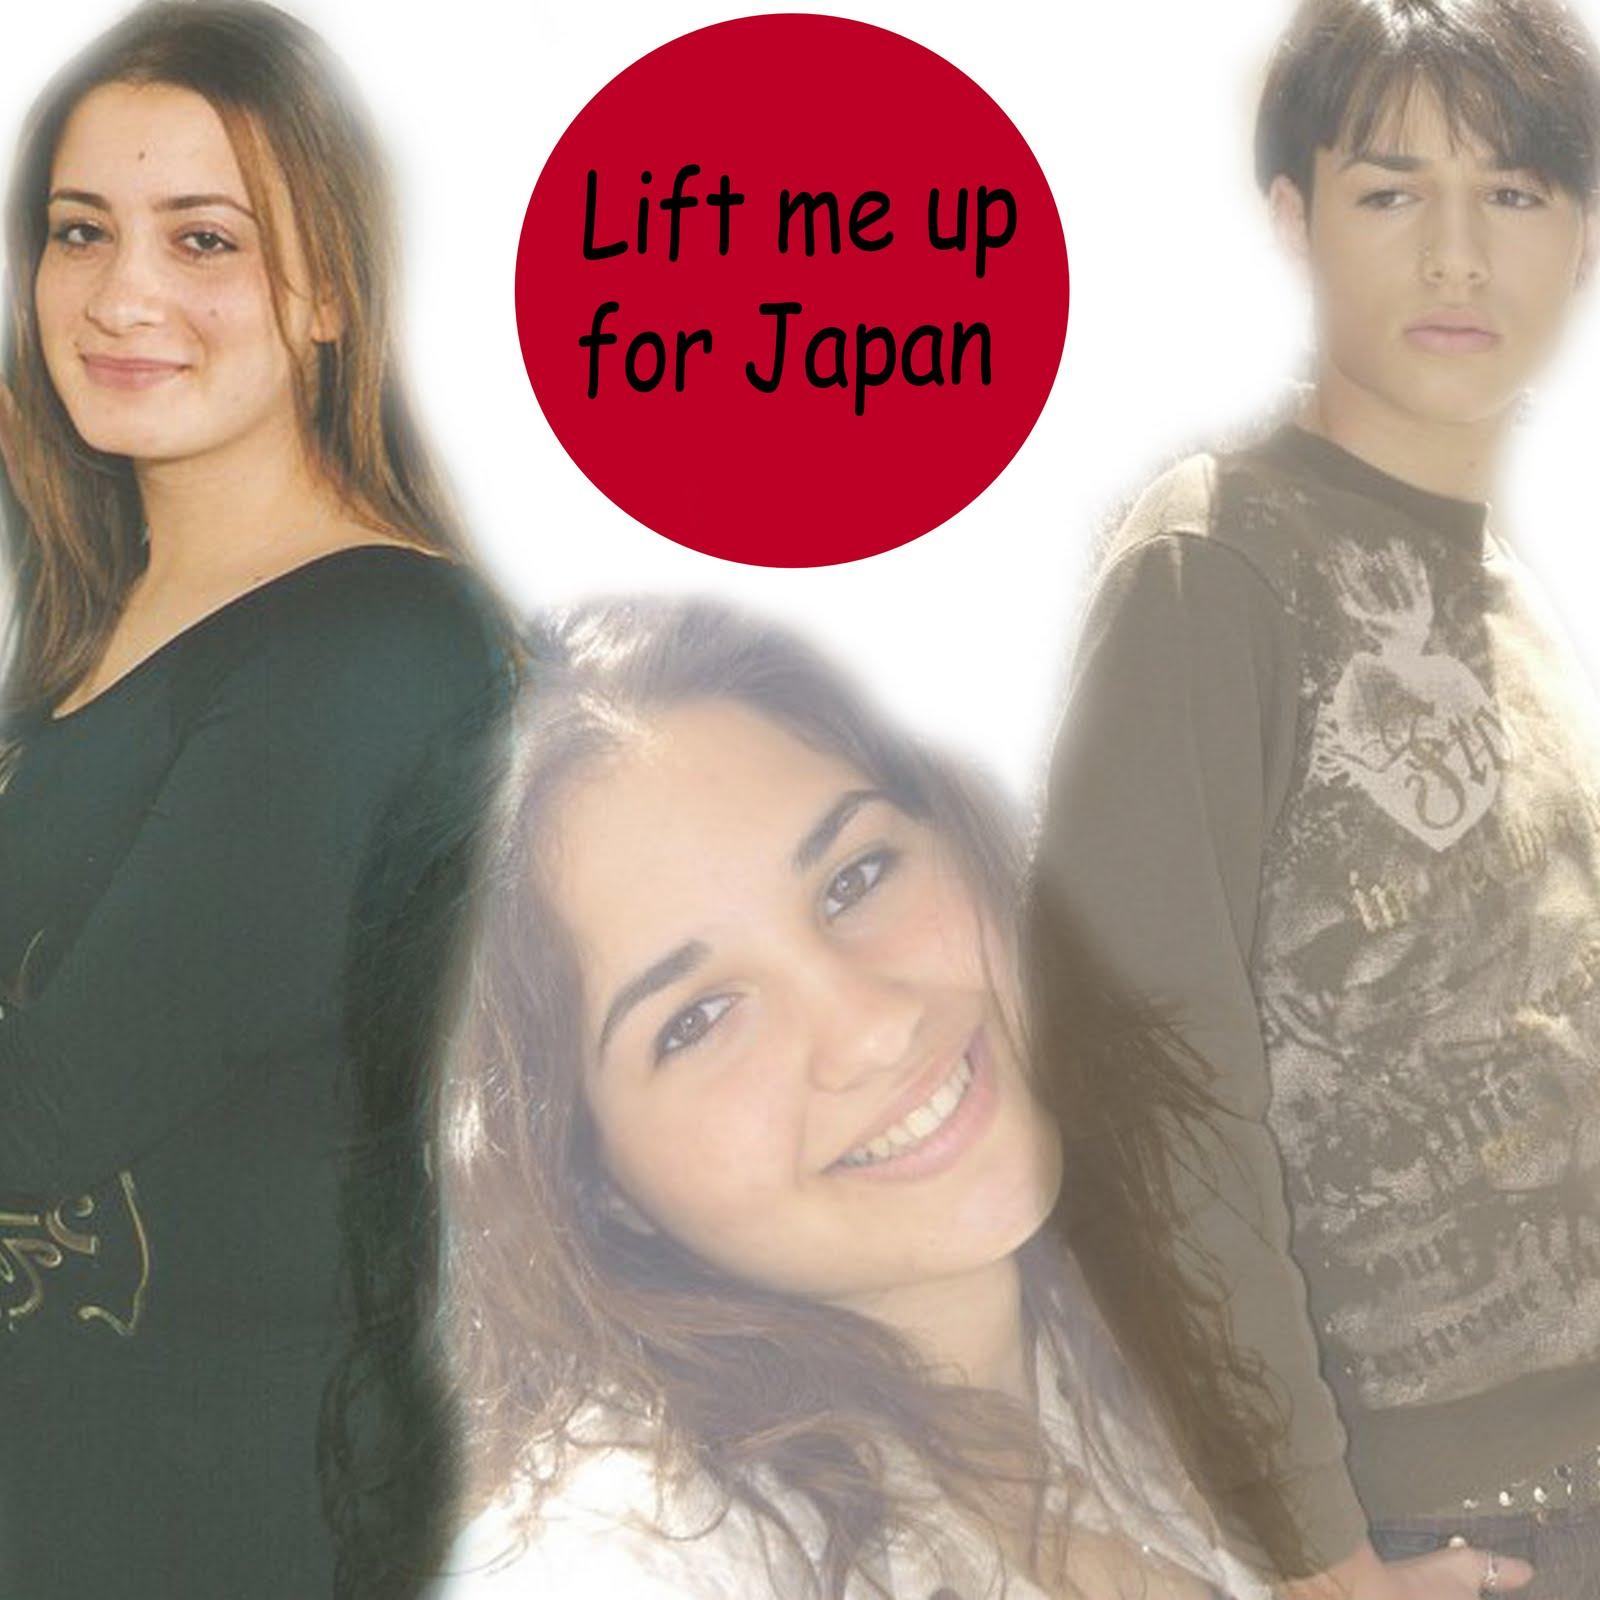 http://3.bp.blogspot.com/-JNolzq3nMjU/TiGasmpZE4I/AAAAAAAAABk/n_rXoj__mfg/s1600/japan.jpg